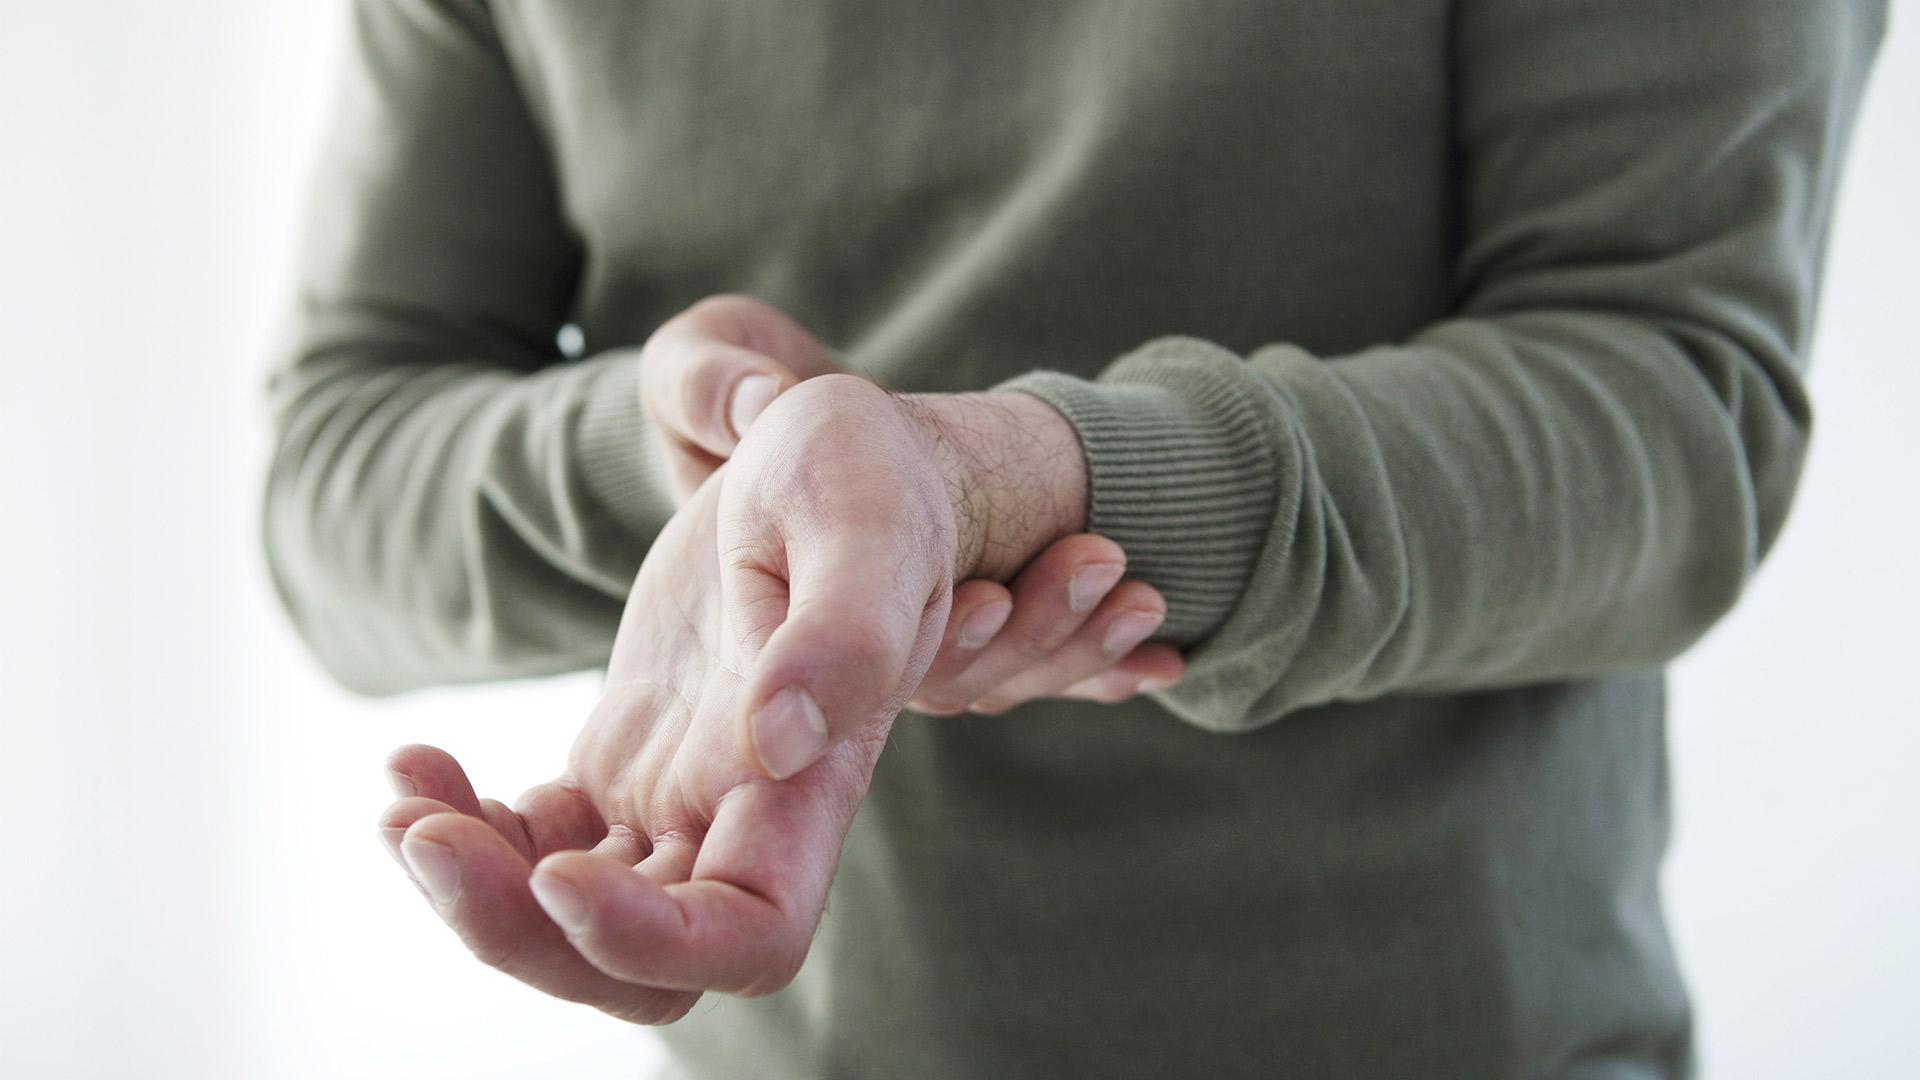 hogyan lehet gyógyítani az ujjízület gyulladását